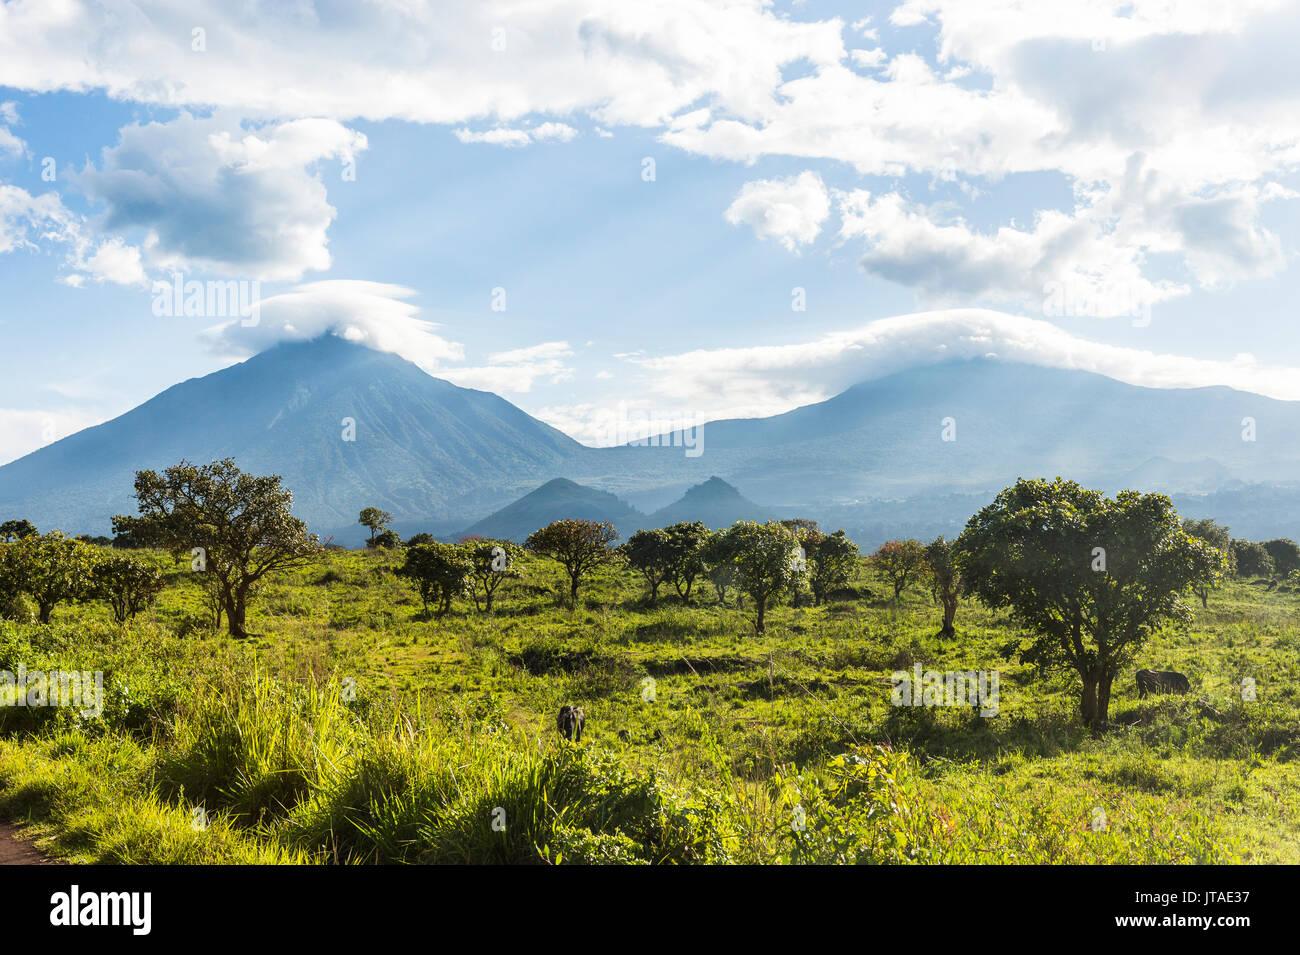 La chaîne de montagnes volcaniques du Parc National des Virunga, site du patrimoine mondial de l'UNESCO, la République démocratique du Congo, l'Afrique Photo Stock